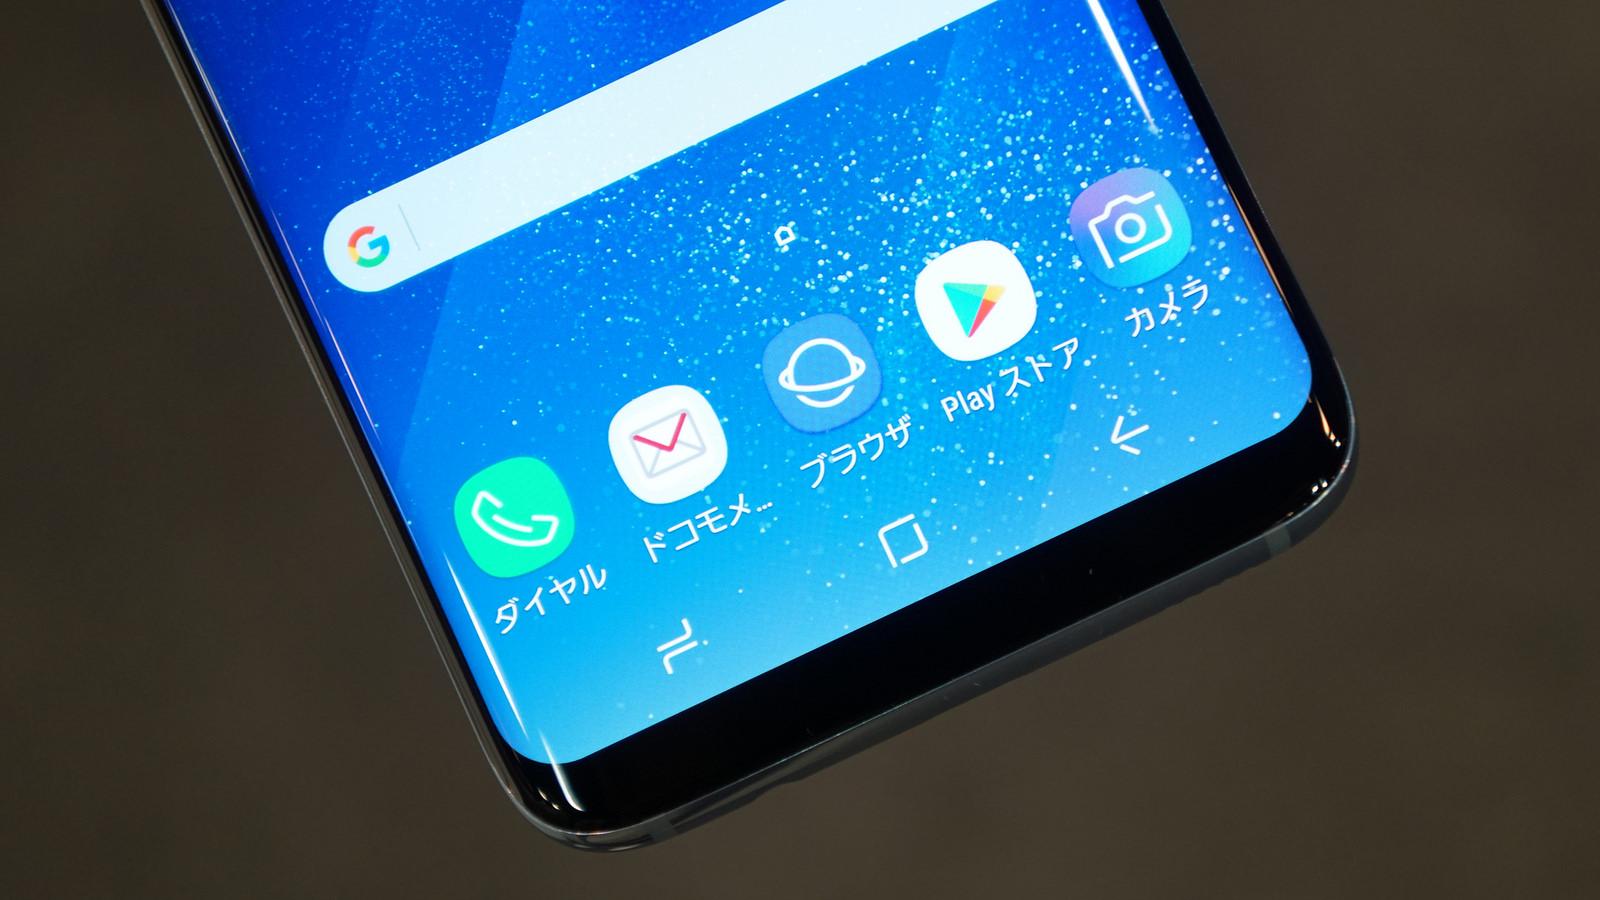 Galaxy S8 / S8+ フォトレビュー